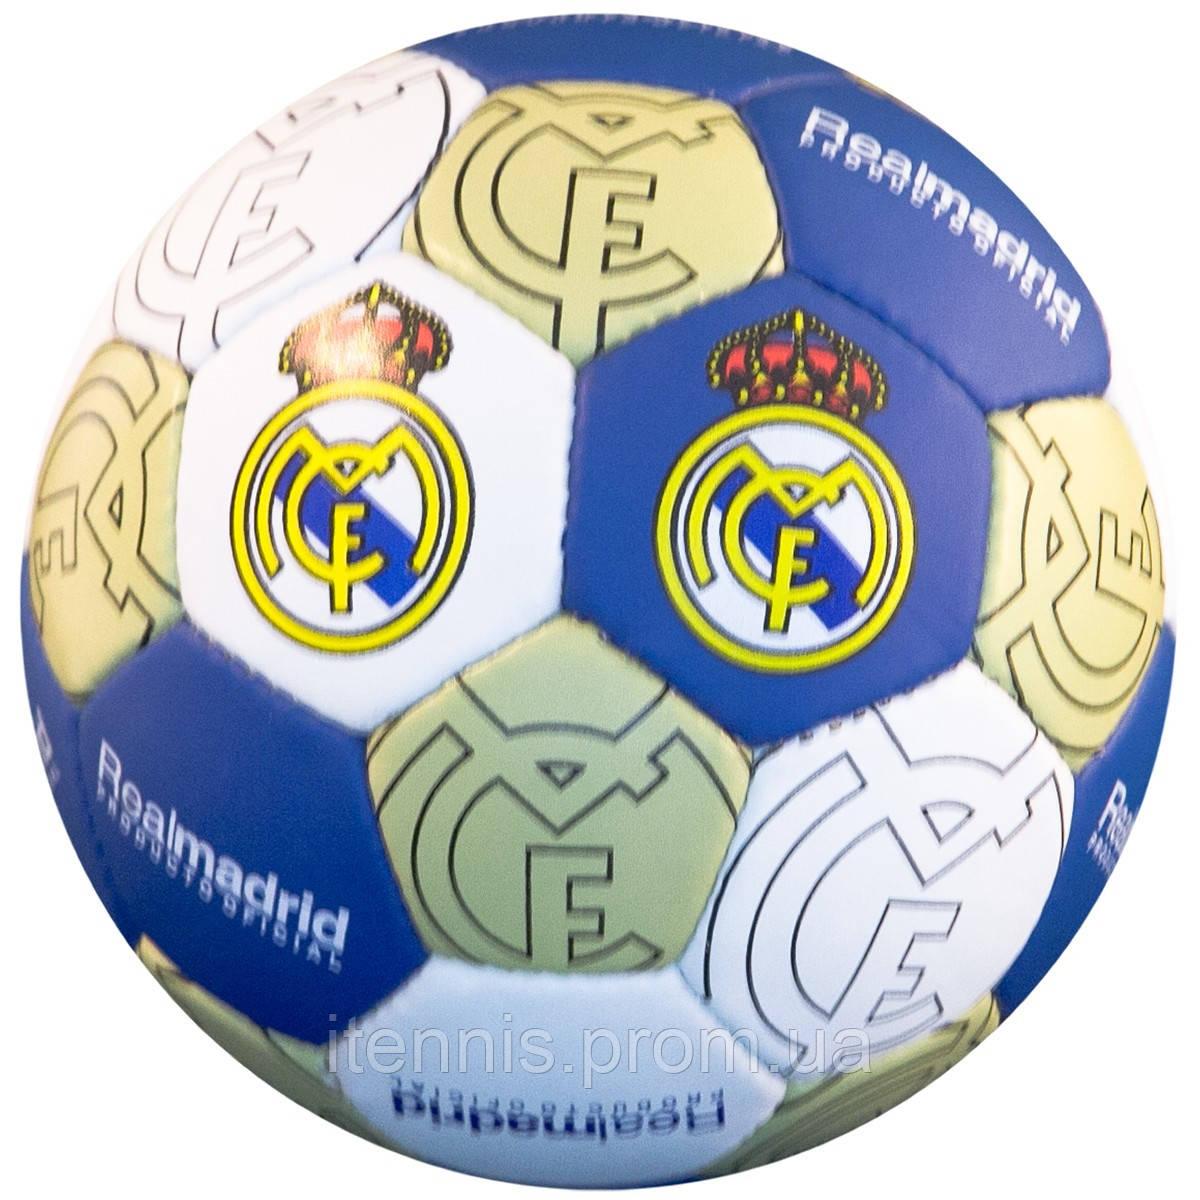 Футбольные мячи реал мадрид